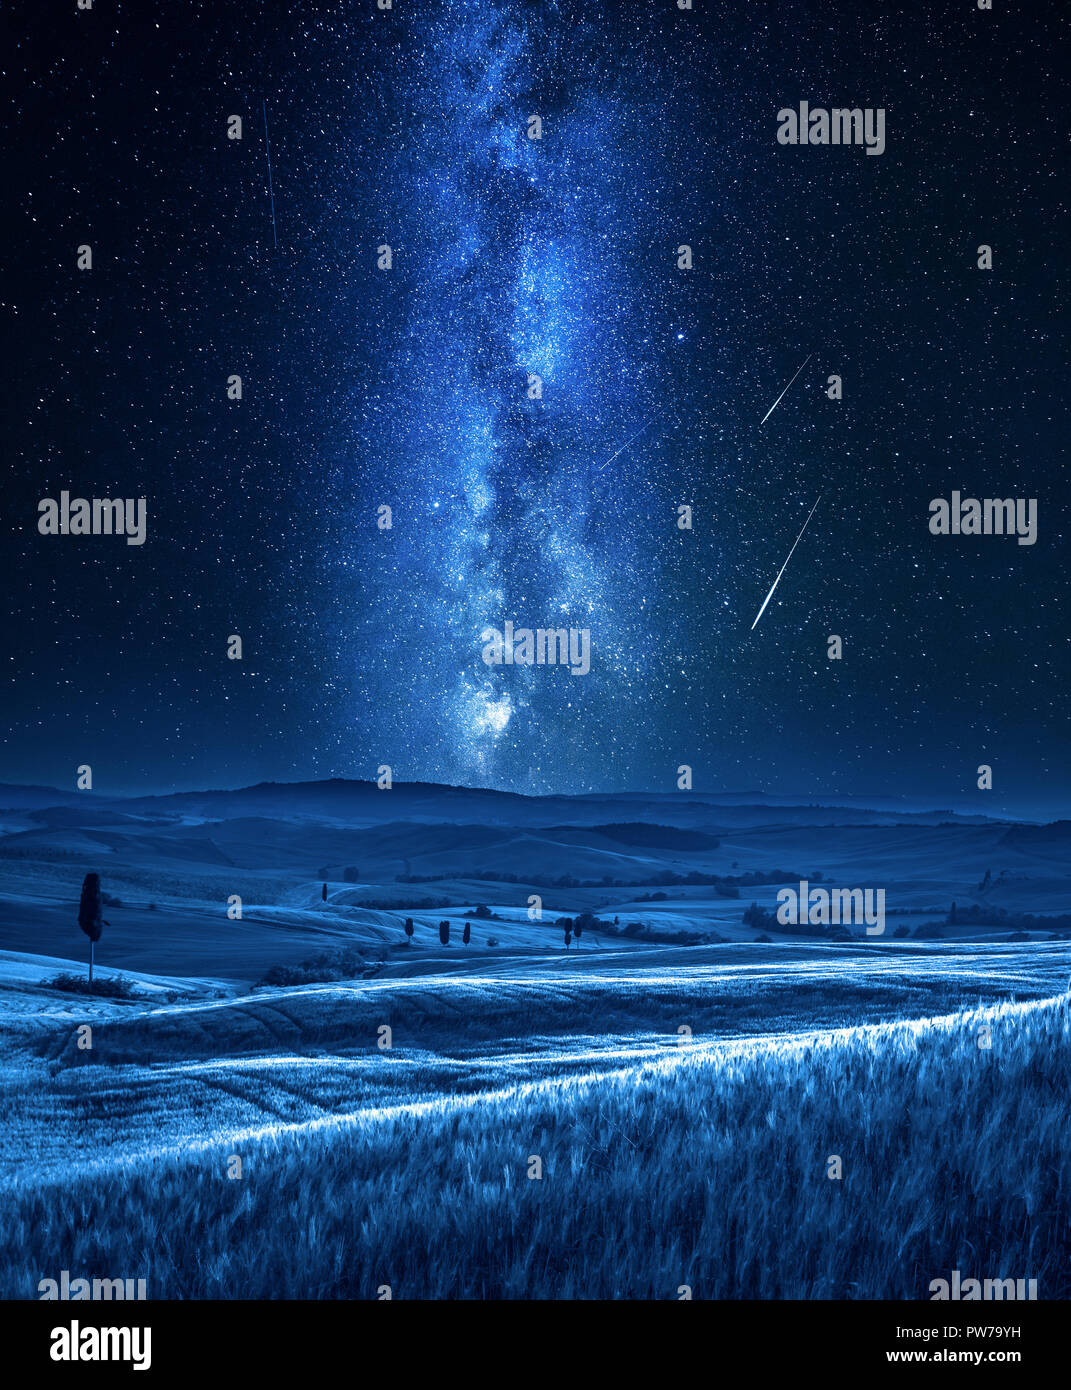 Milchstrasse Und Sternschnuppen In Der Nacht In Der Toskana Italien